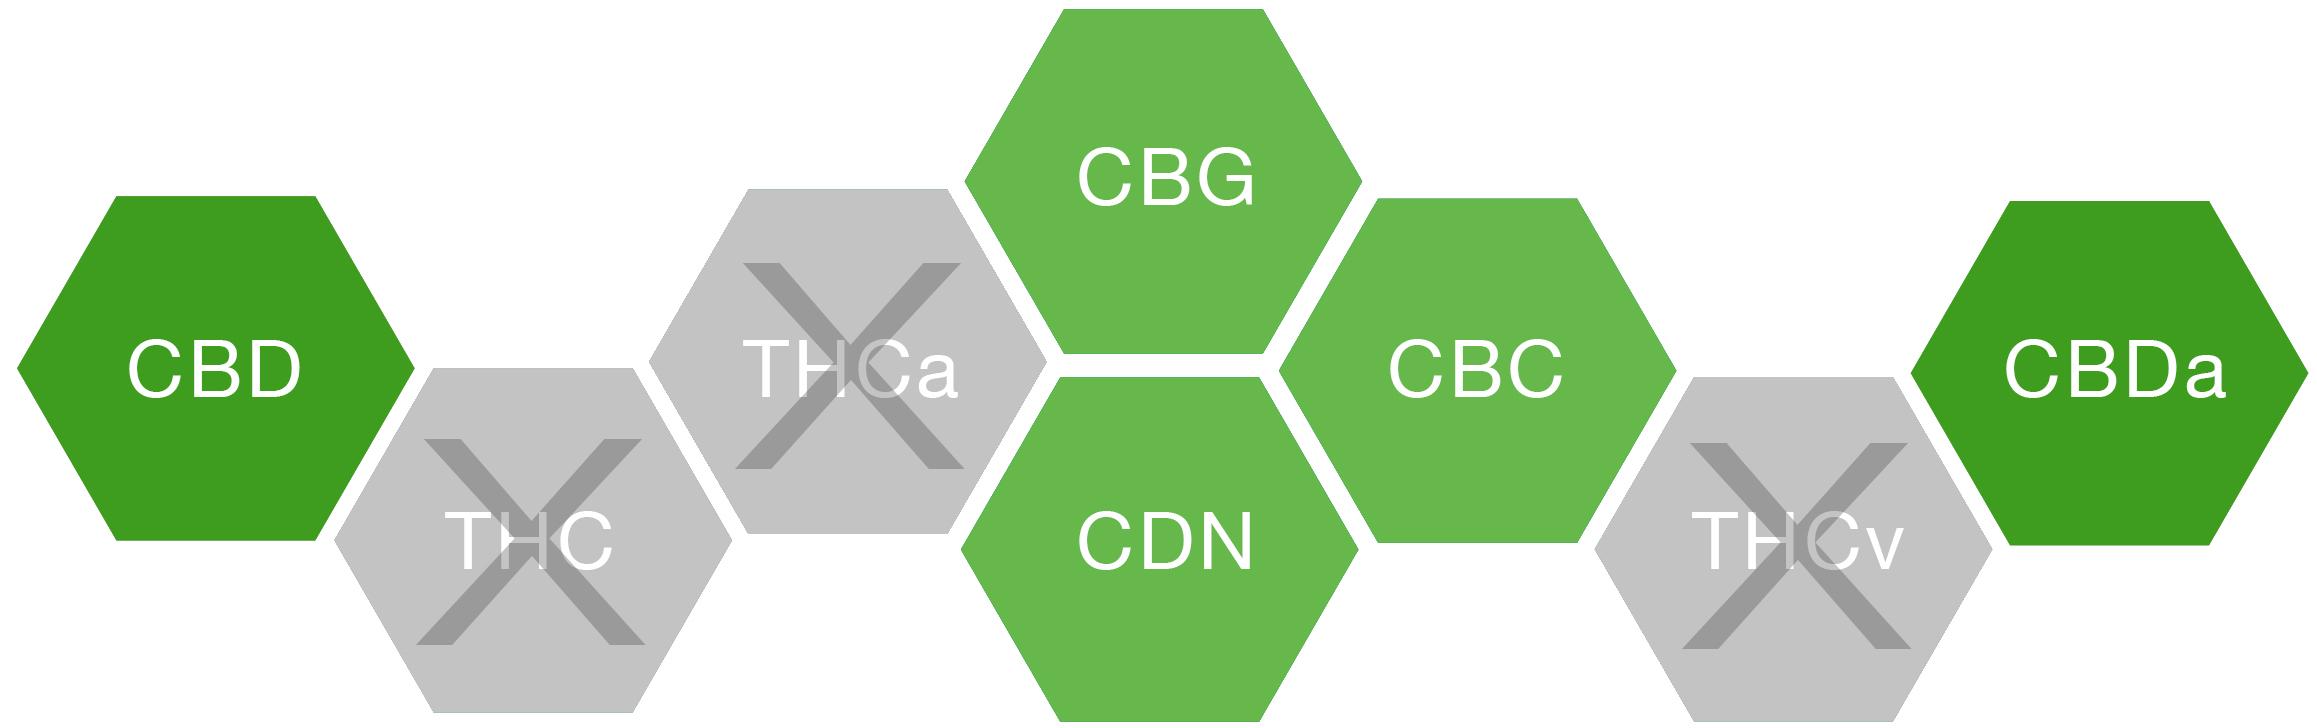 cbd broad spectrum diagram